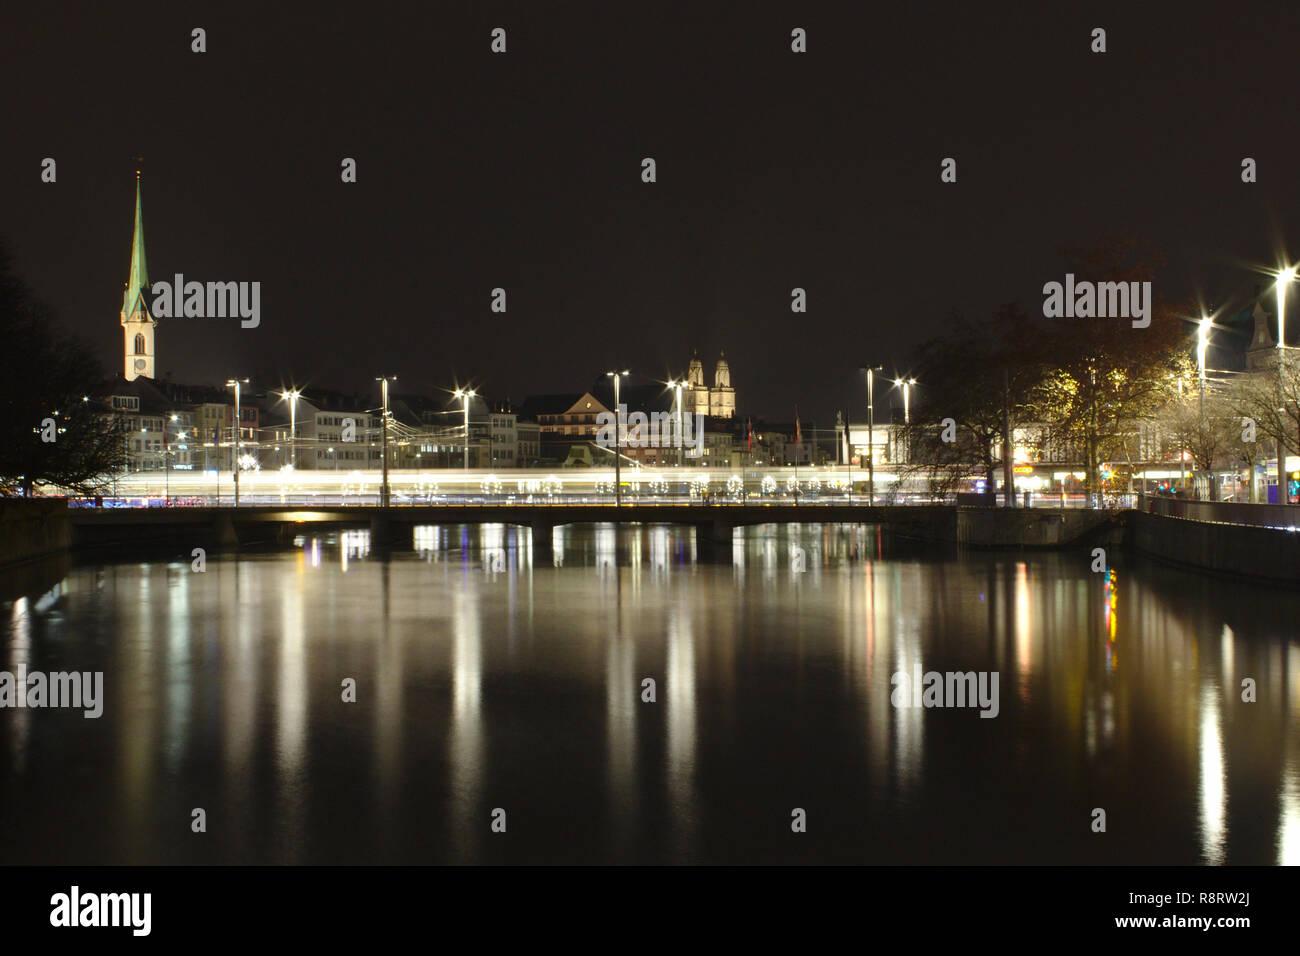 A night shot of Zürich city - Stock Image